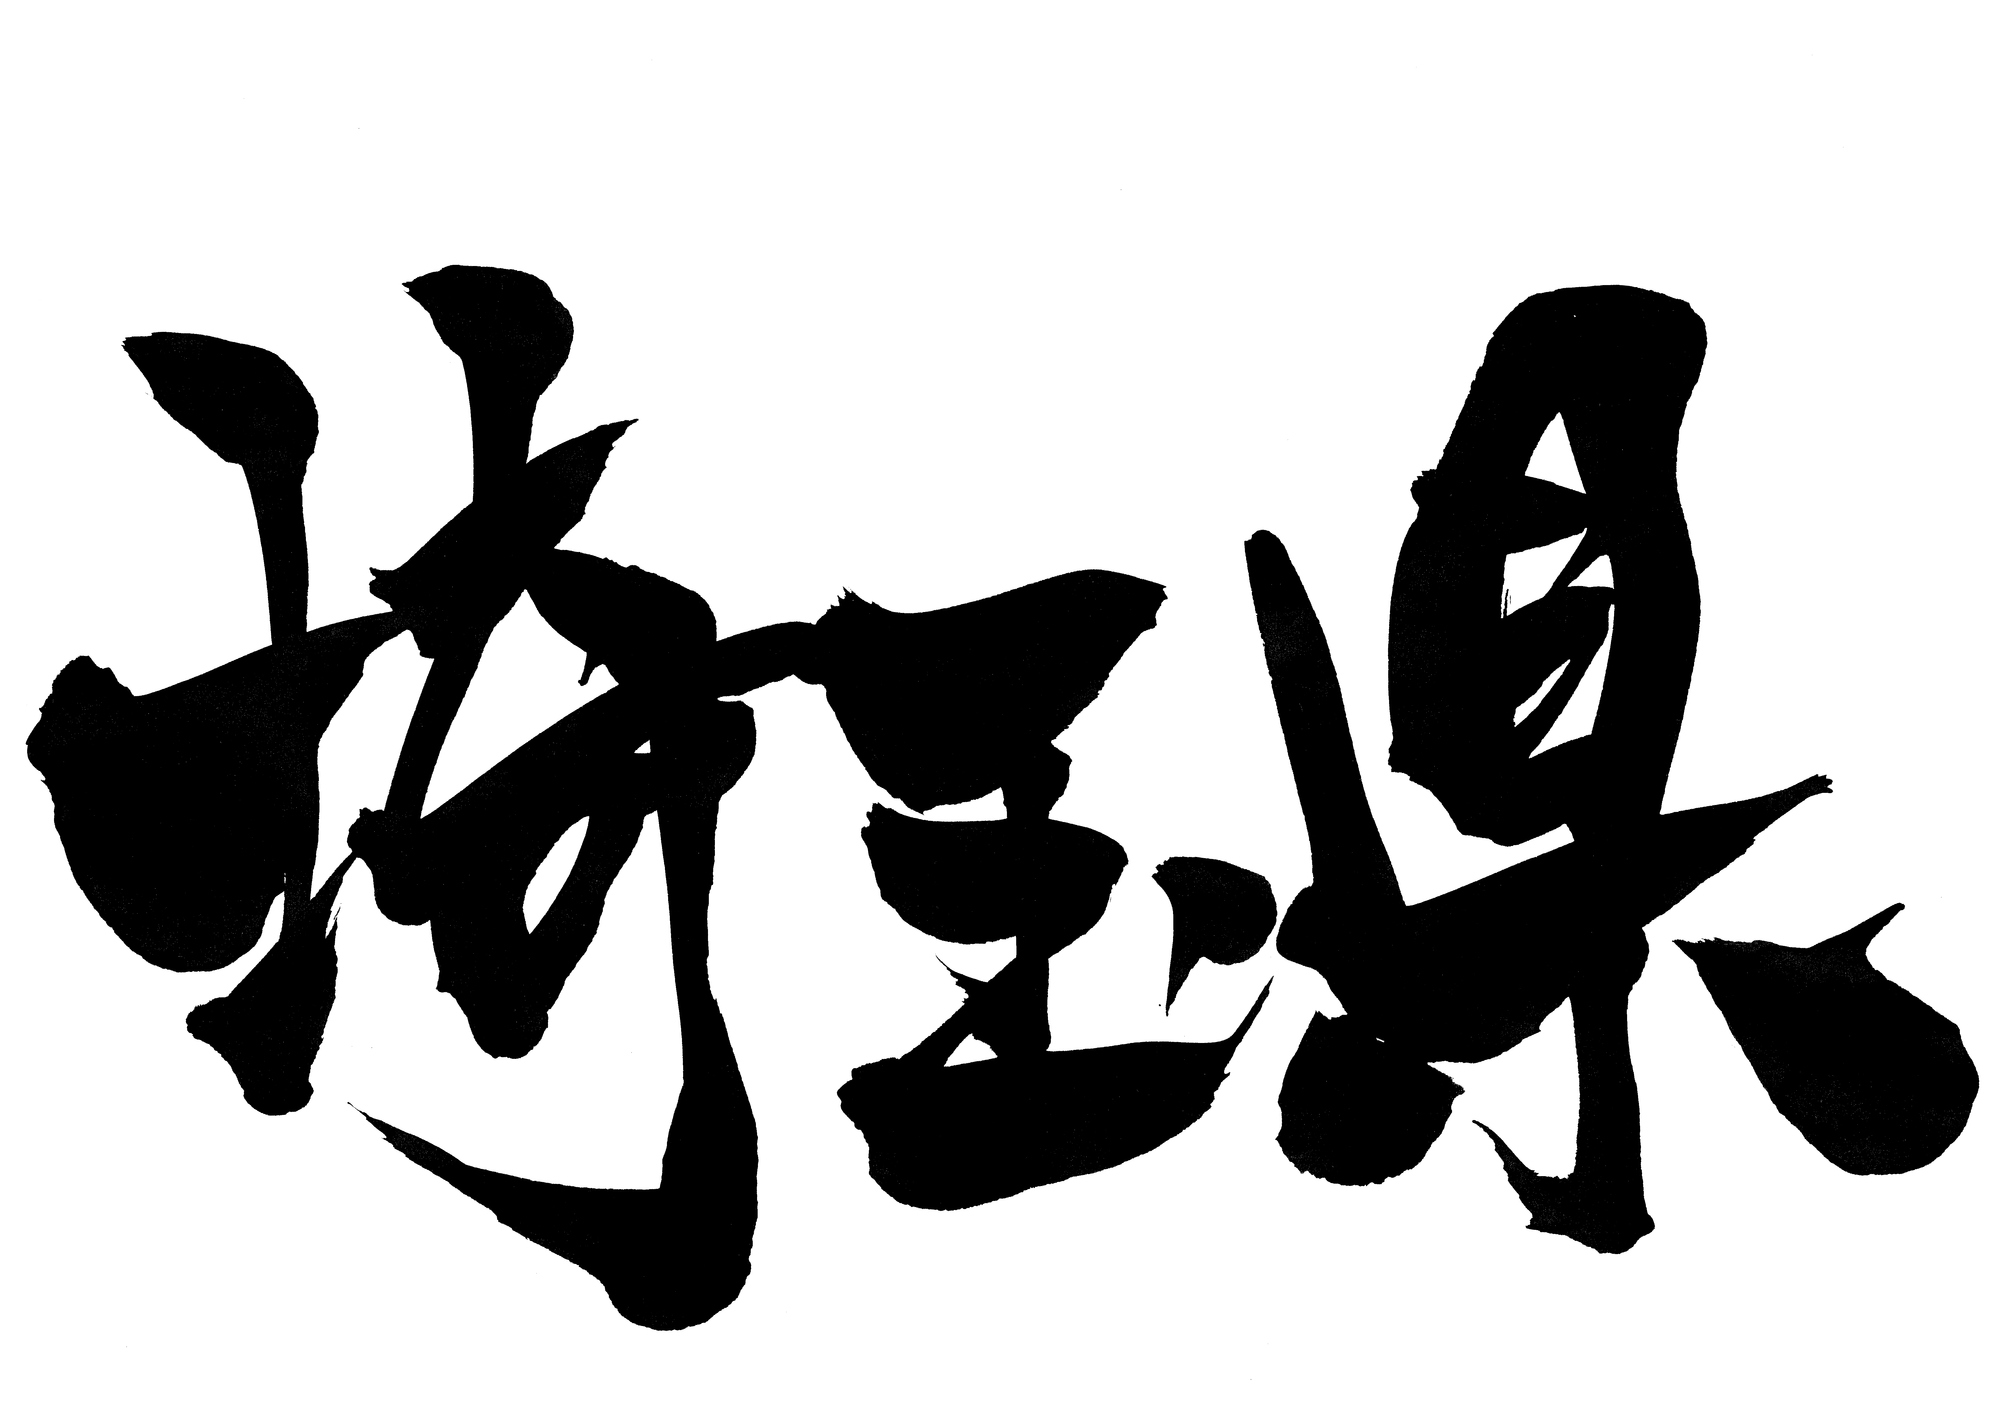 【埼玉勤務】の採用成功には対策が不可欠 埼玉県募集企業のための中途採用力アップセミナー